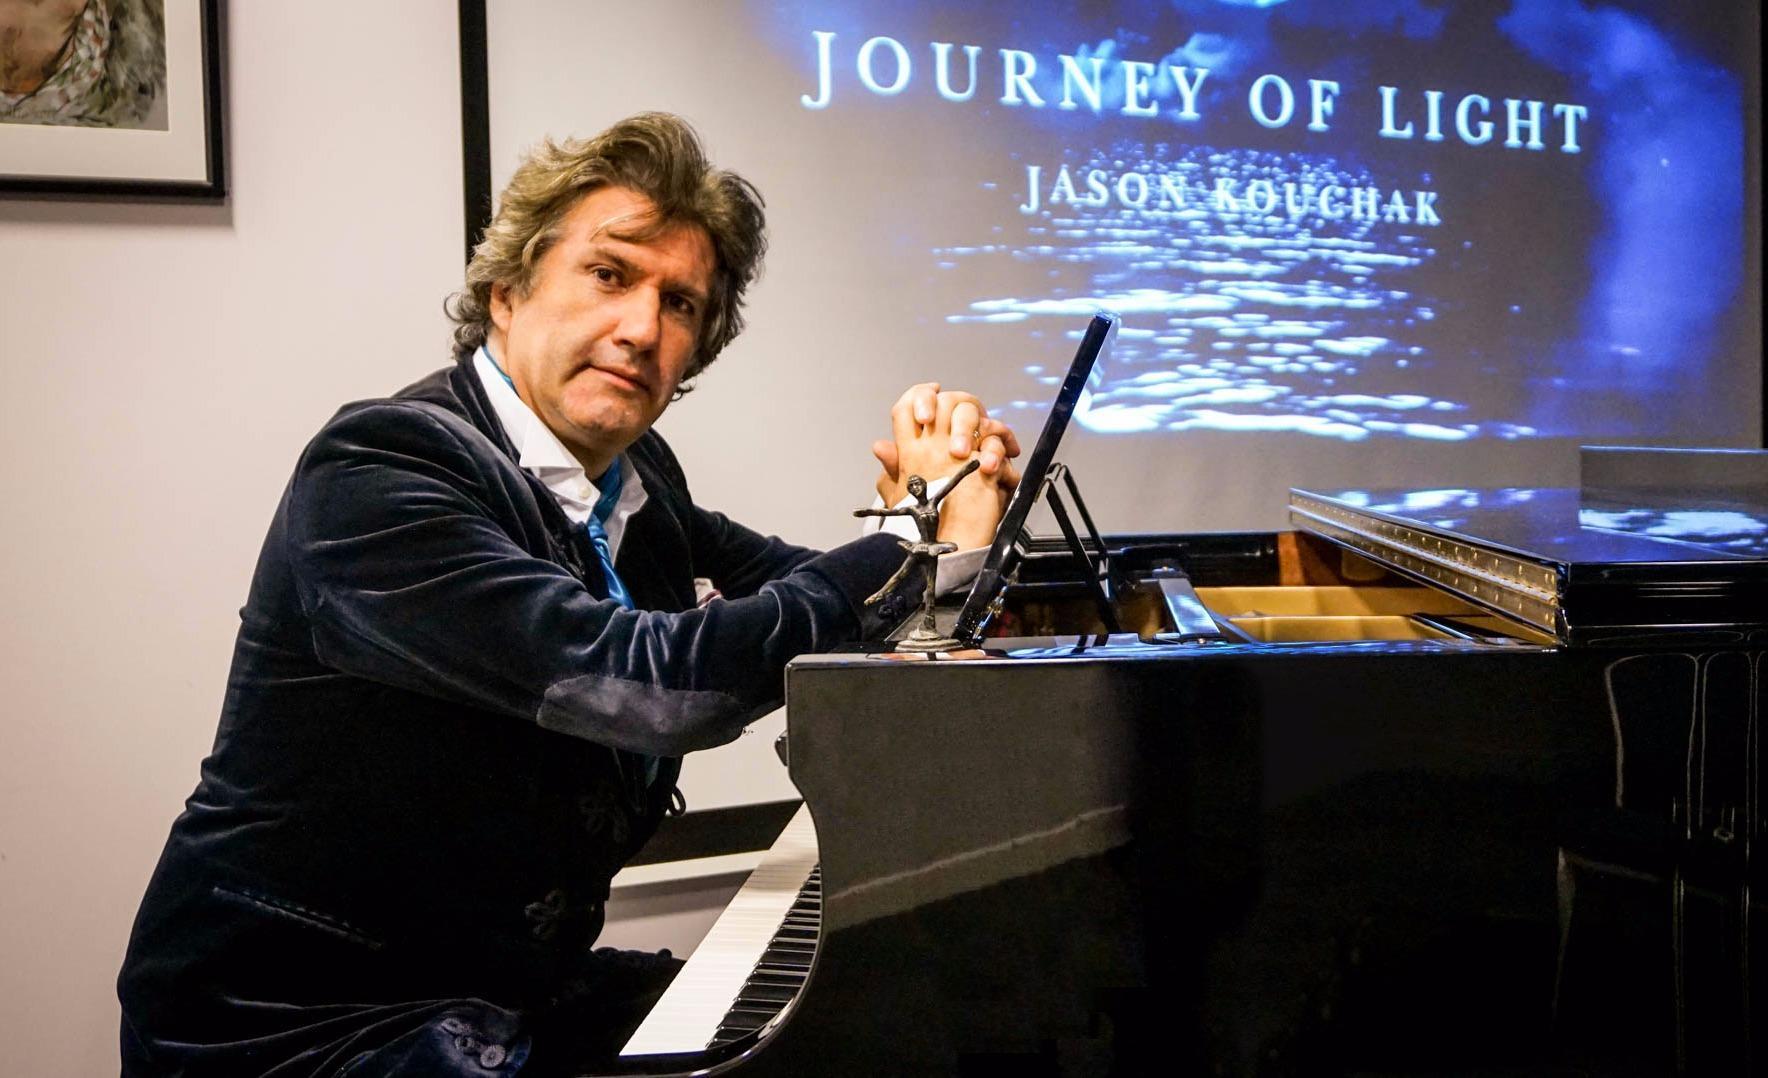 Революционный романс: потомок Александра Колчака представил музыкальную программу к 100-летию революции в Лондоне